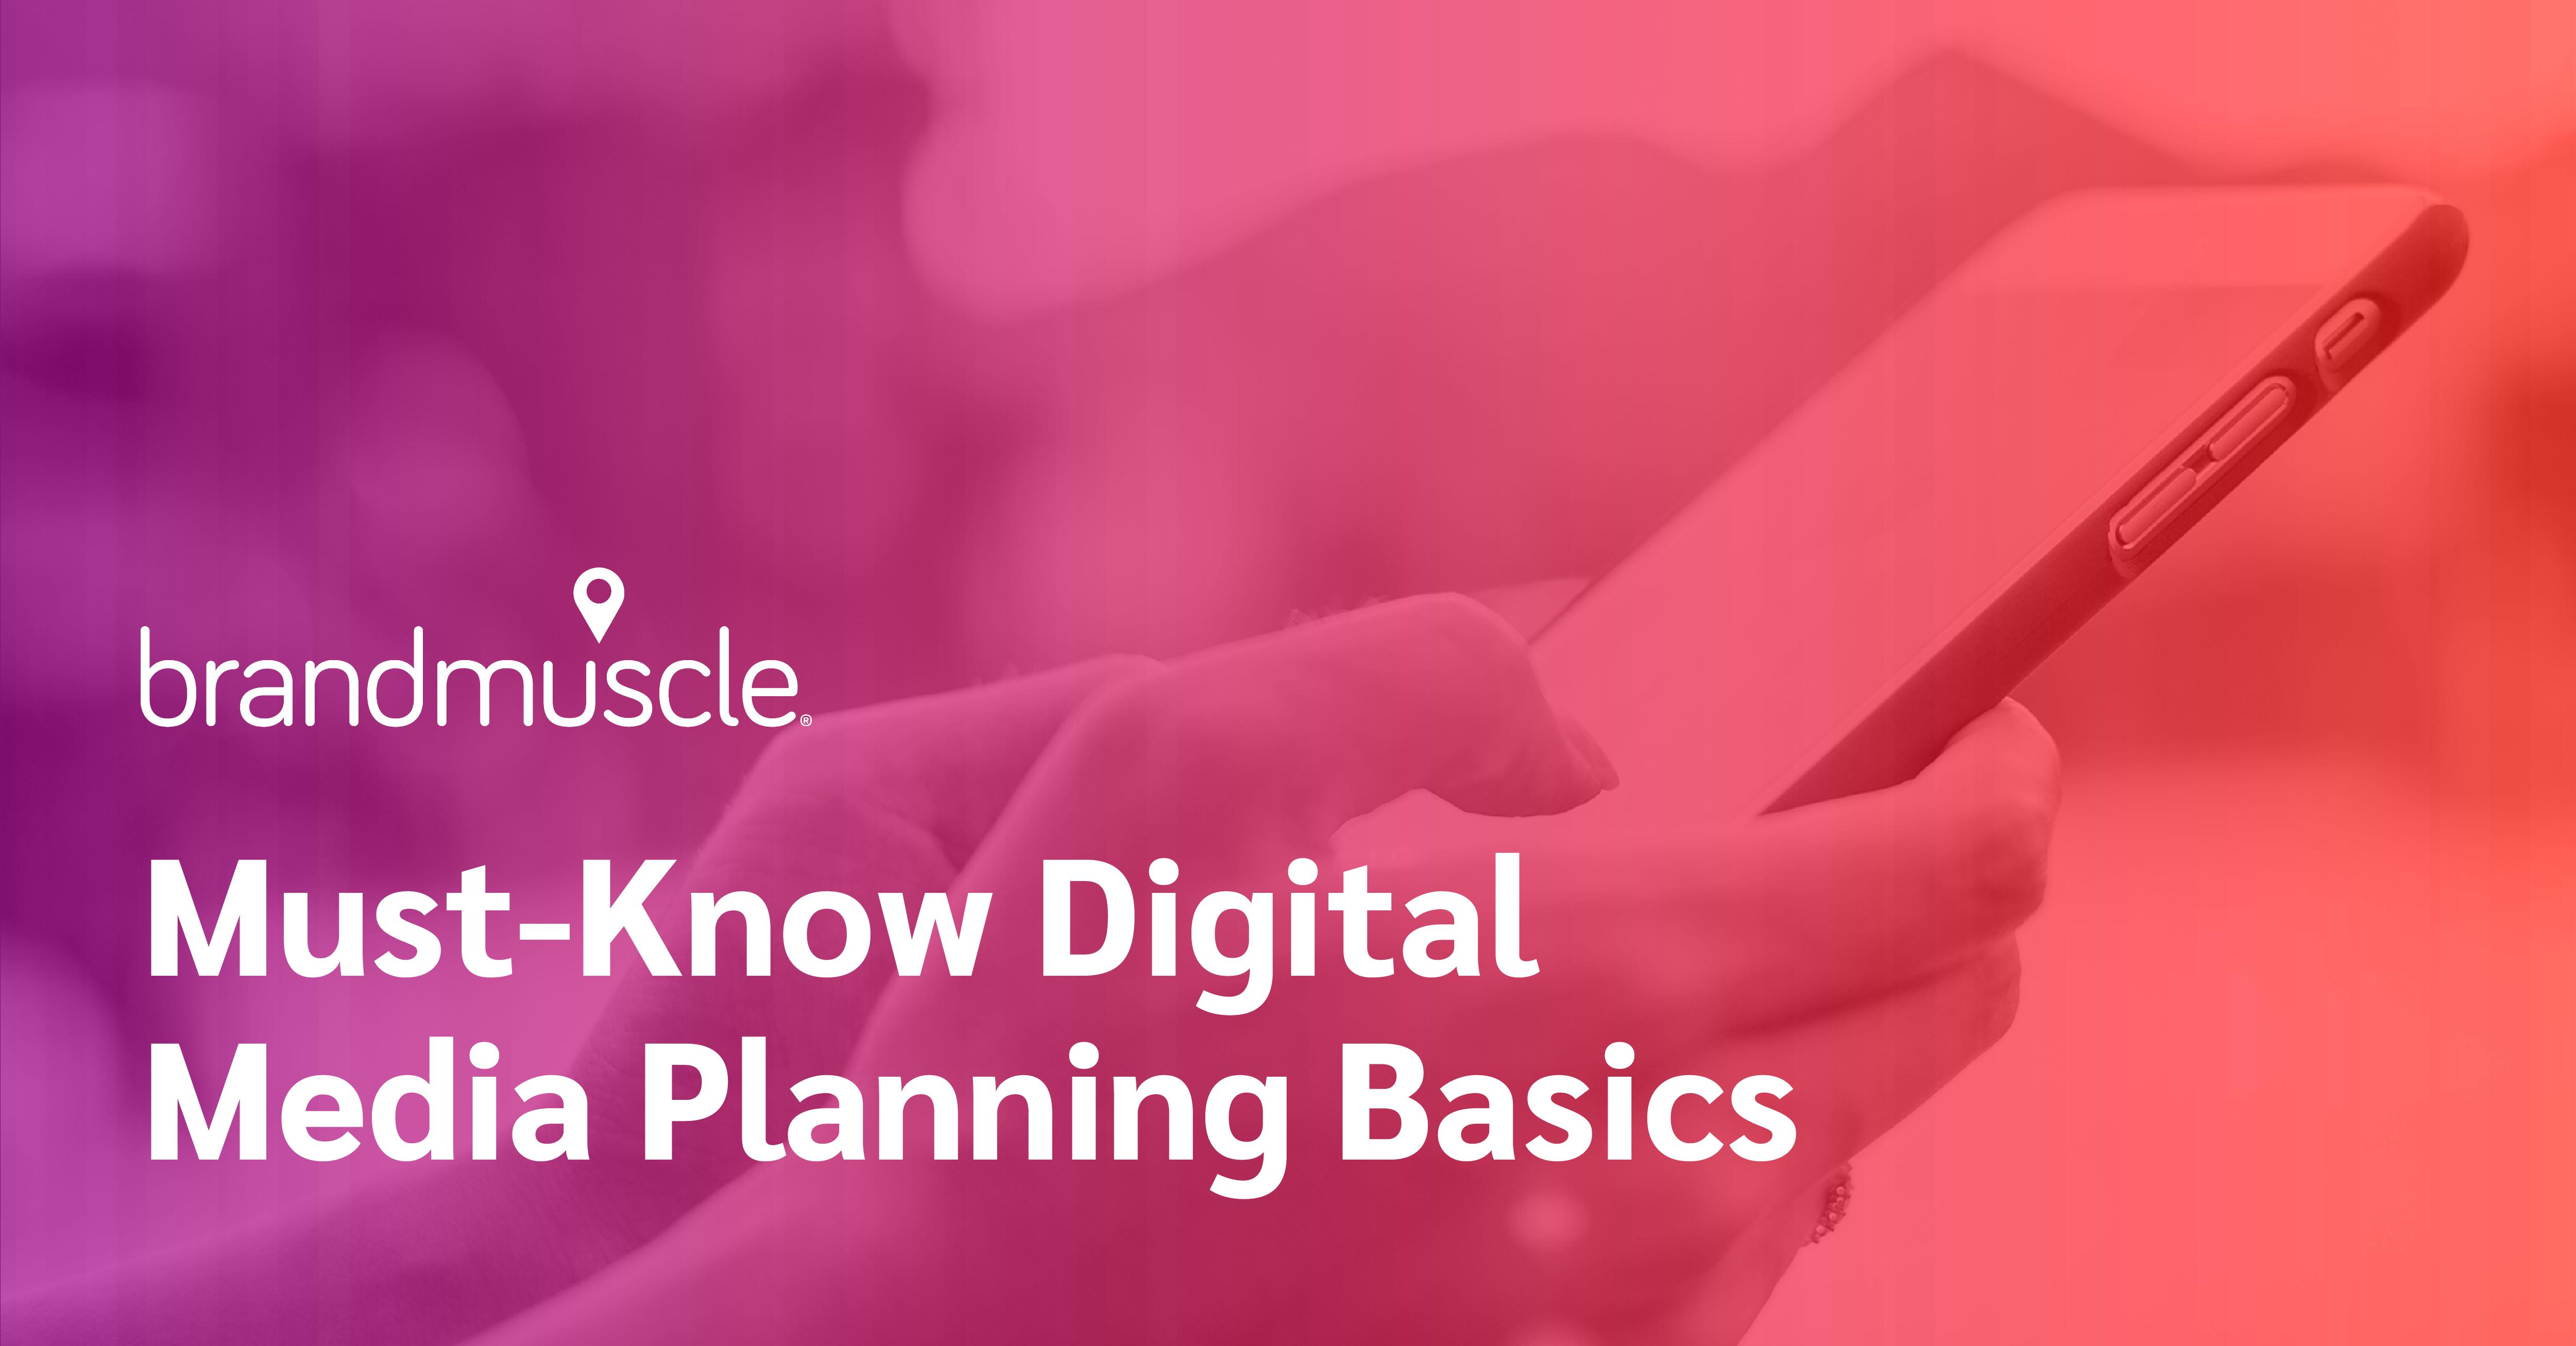 Digital Media Planning Basics